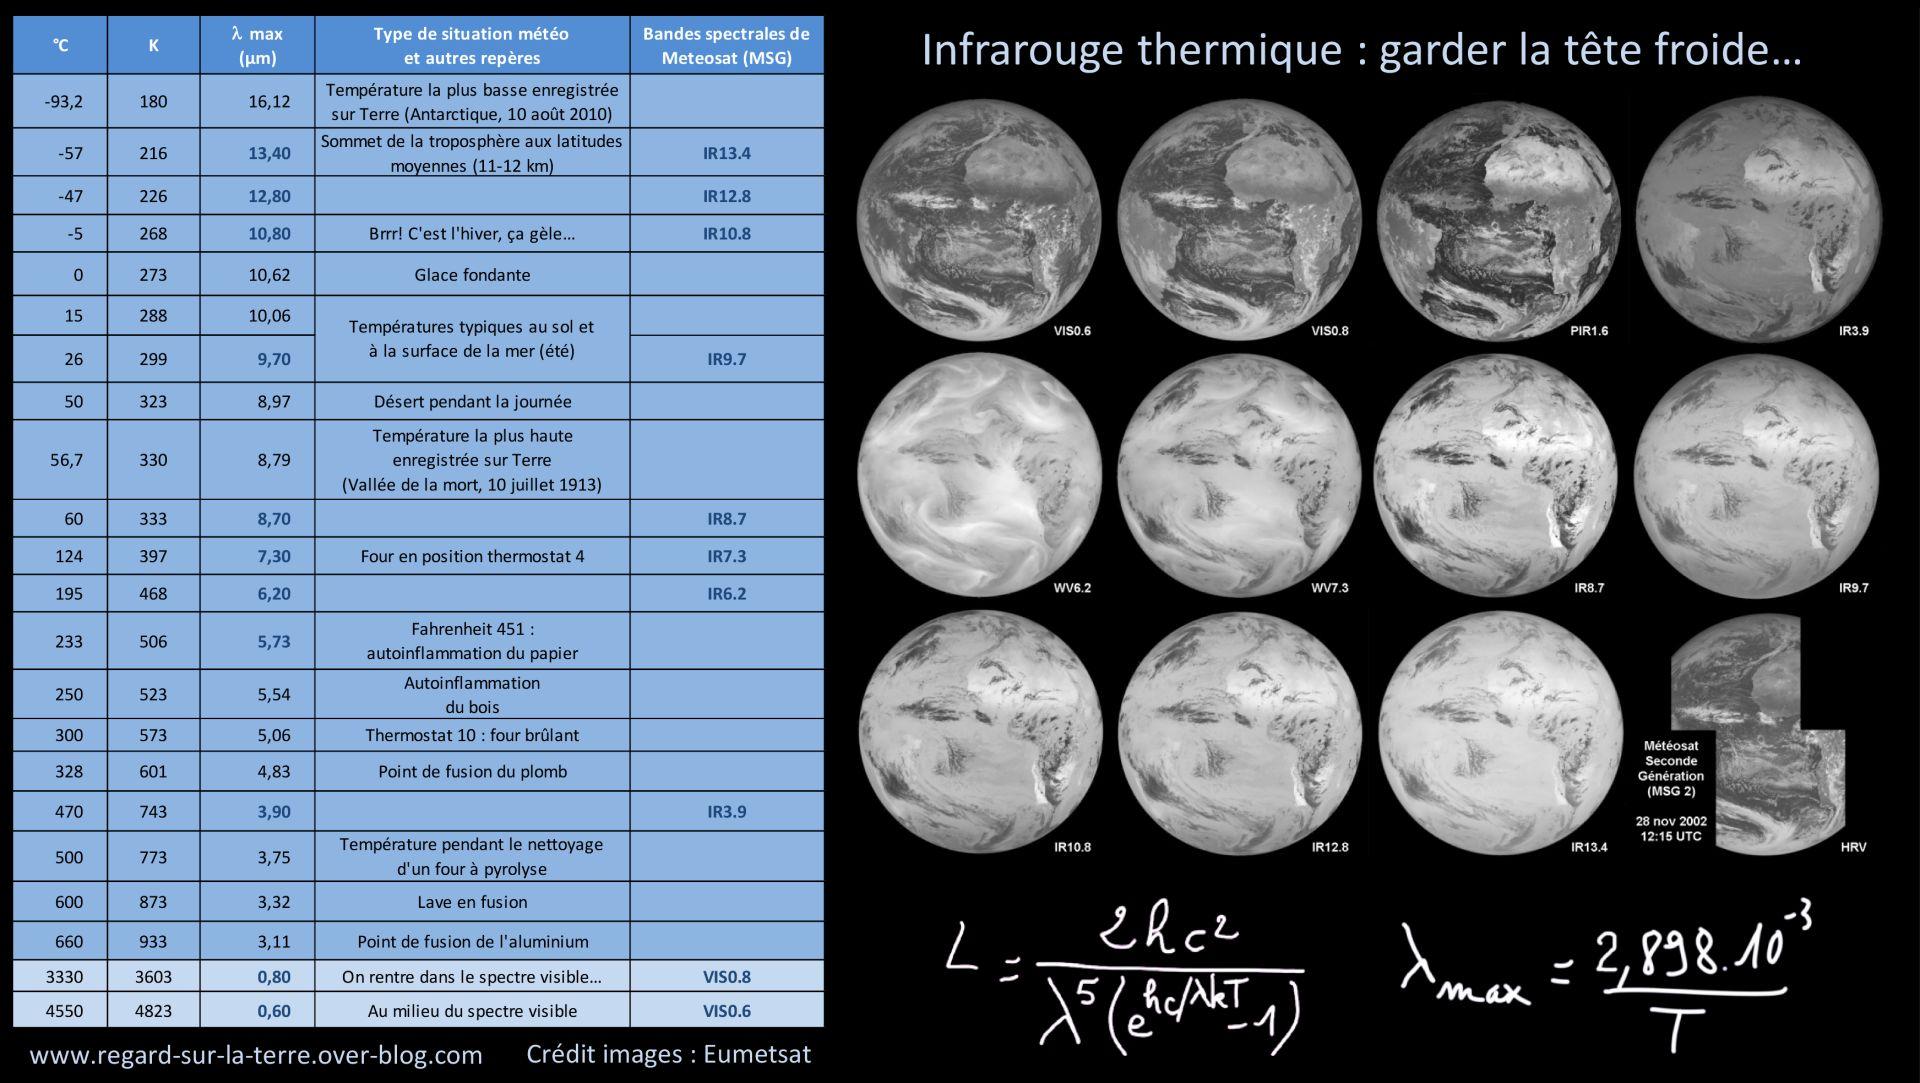 Température - Spectre d'émission - Longueur d'onde principale - Infrarouge thermique - Bandes spectrales utilisées en météorologie - Meteosat - SEVIRI - Eumetsat - Gédéon - Température la plus chaude - Température la plus froide - Température de combustion.